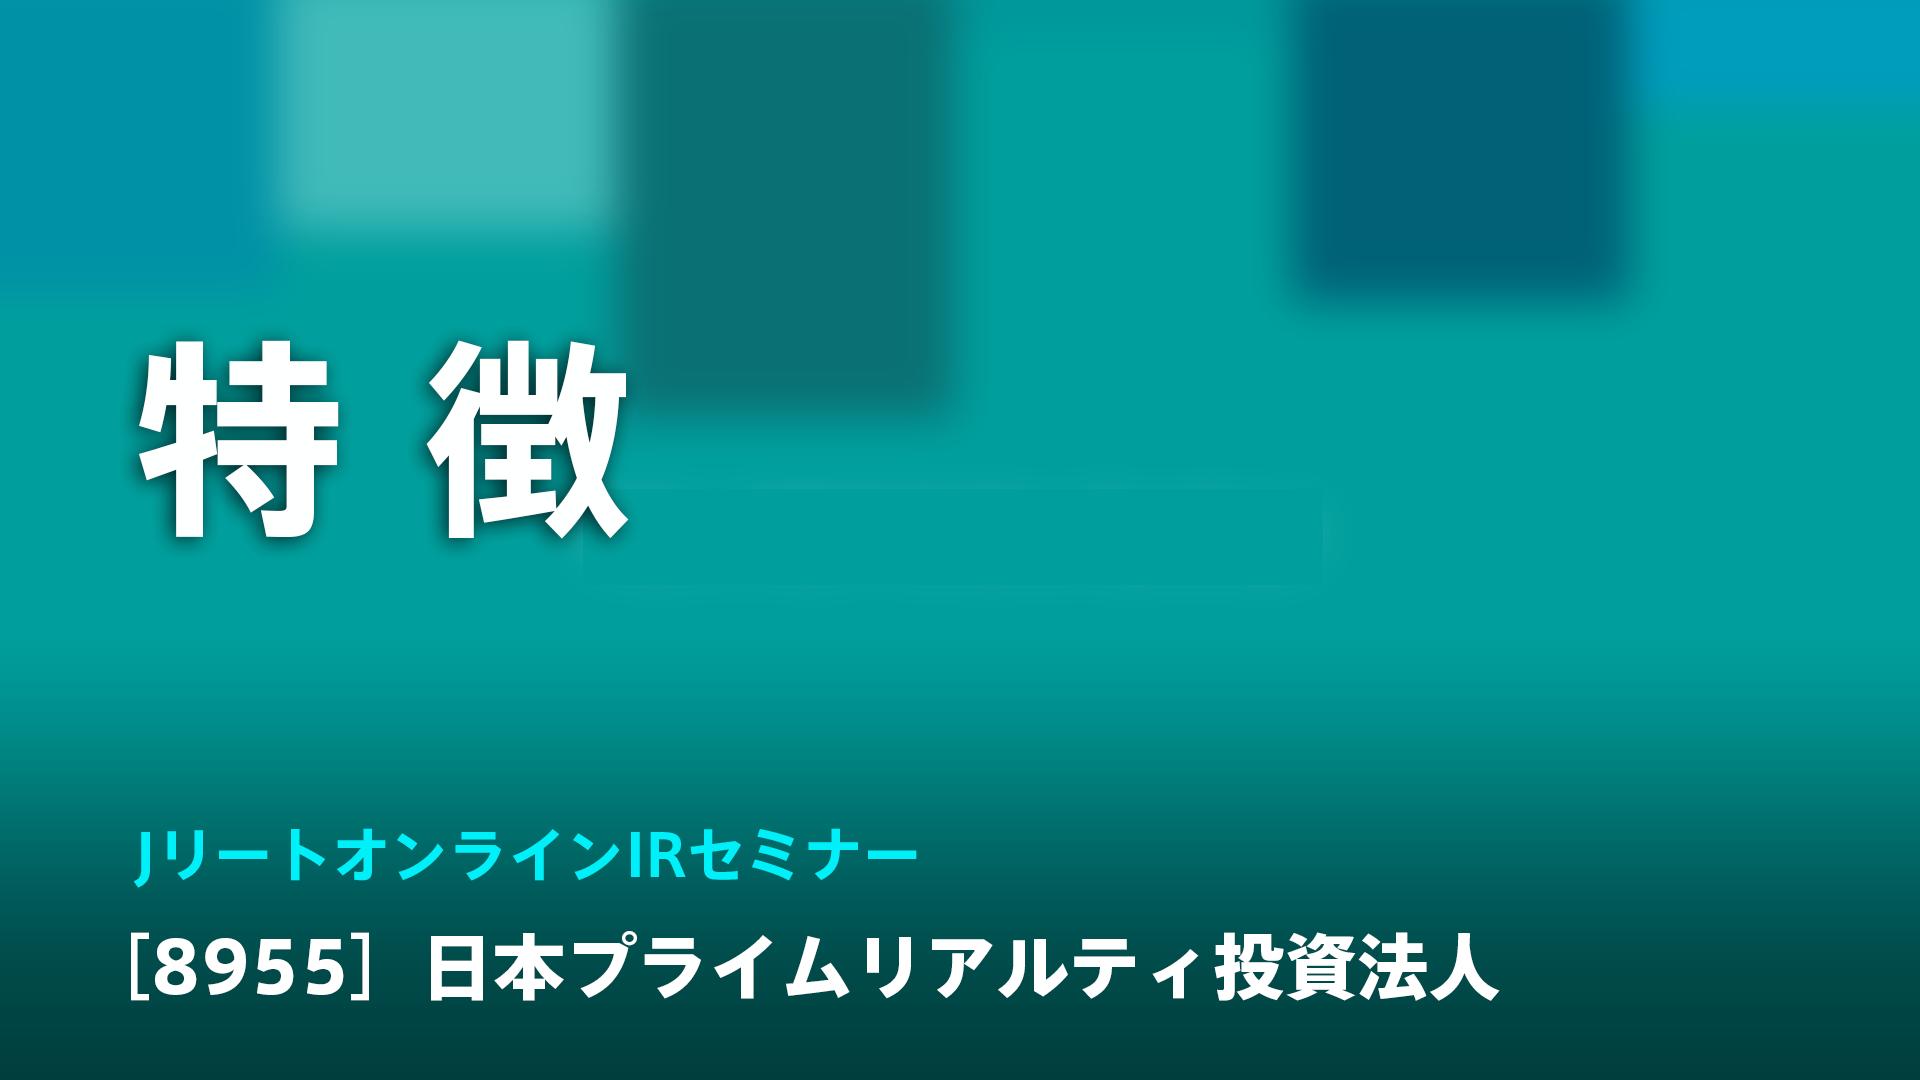 日本プライムリアルティ投資法人のスライダーサムネイル画像14